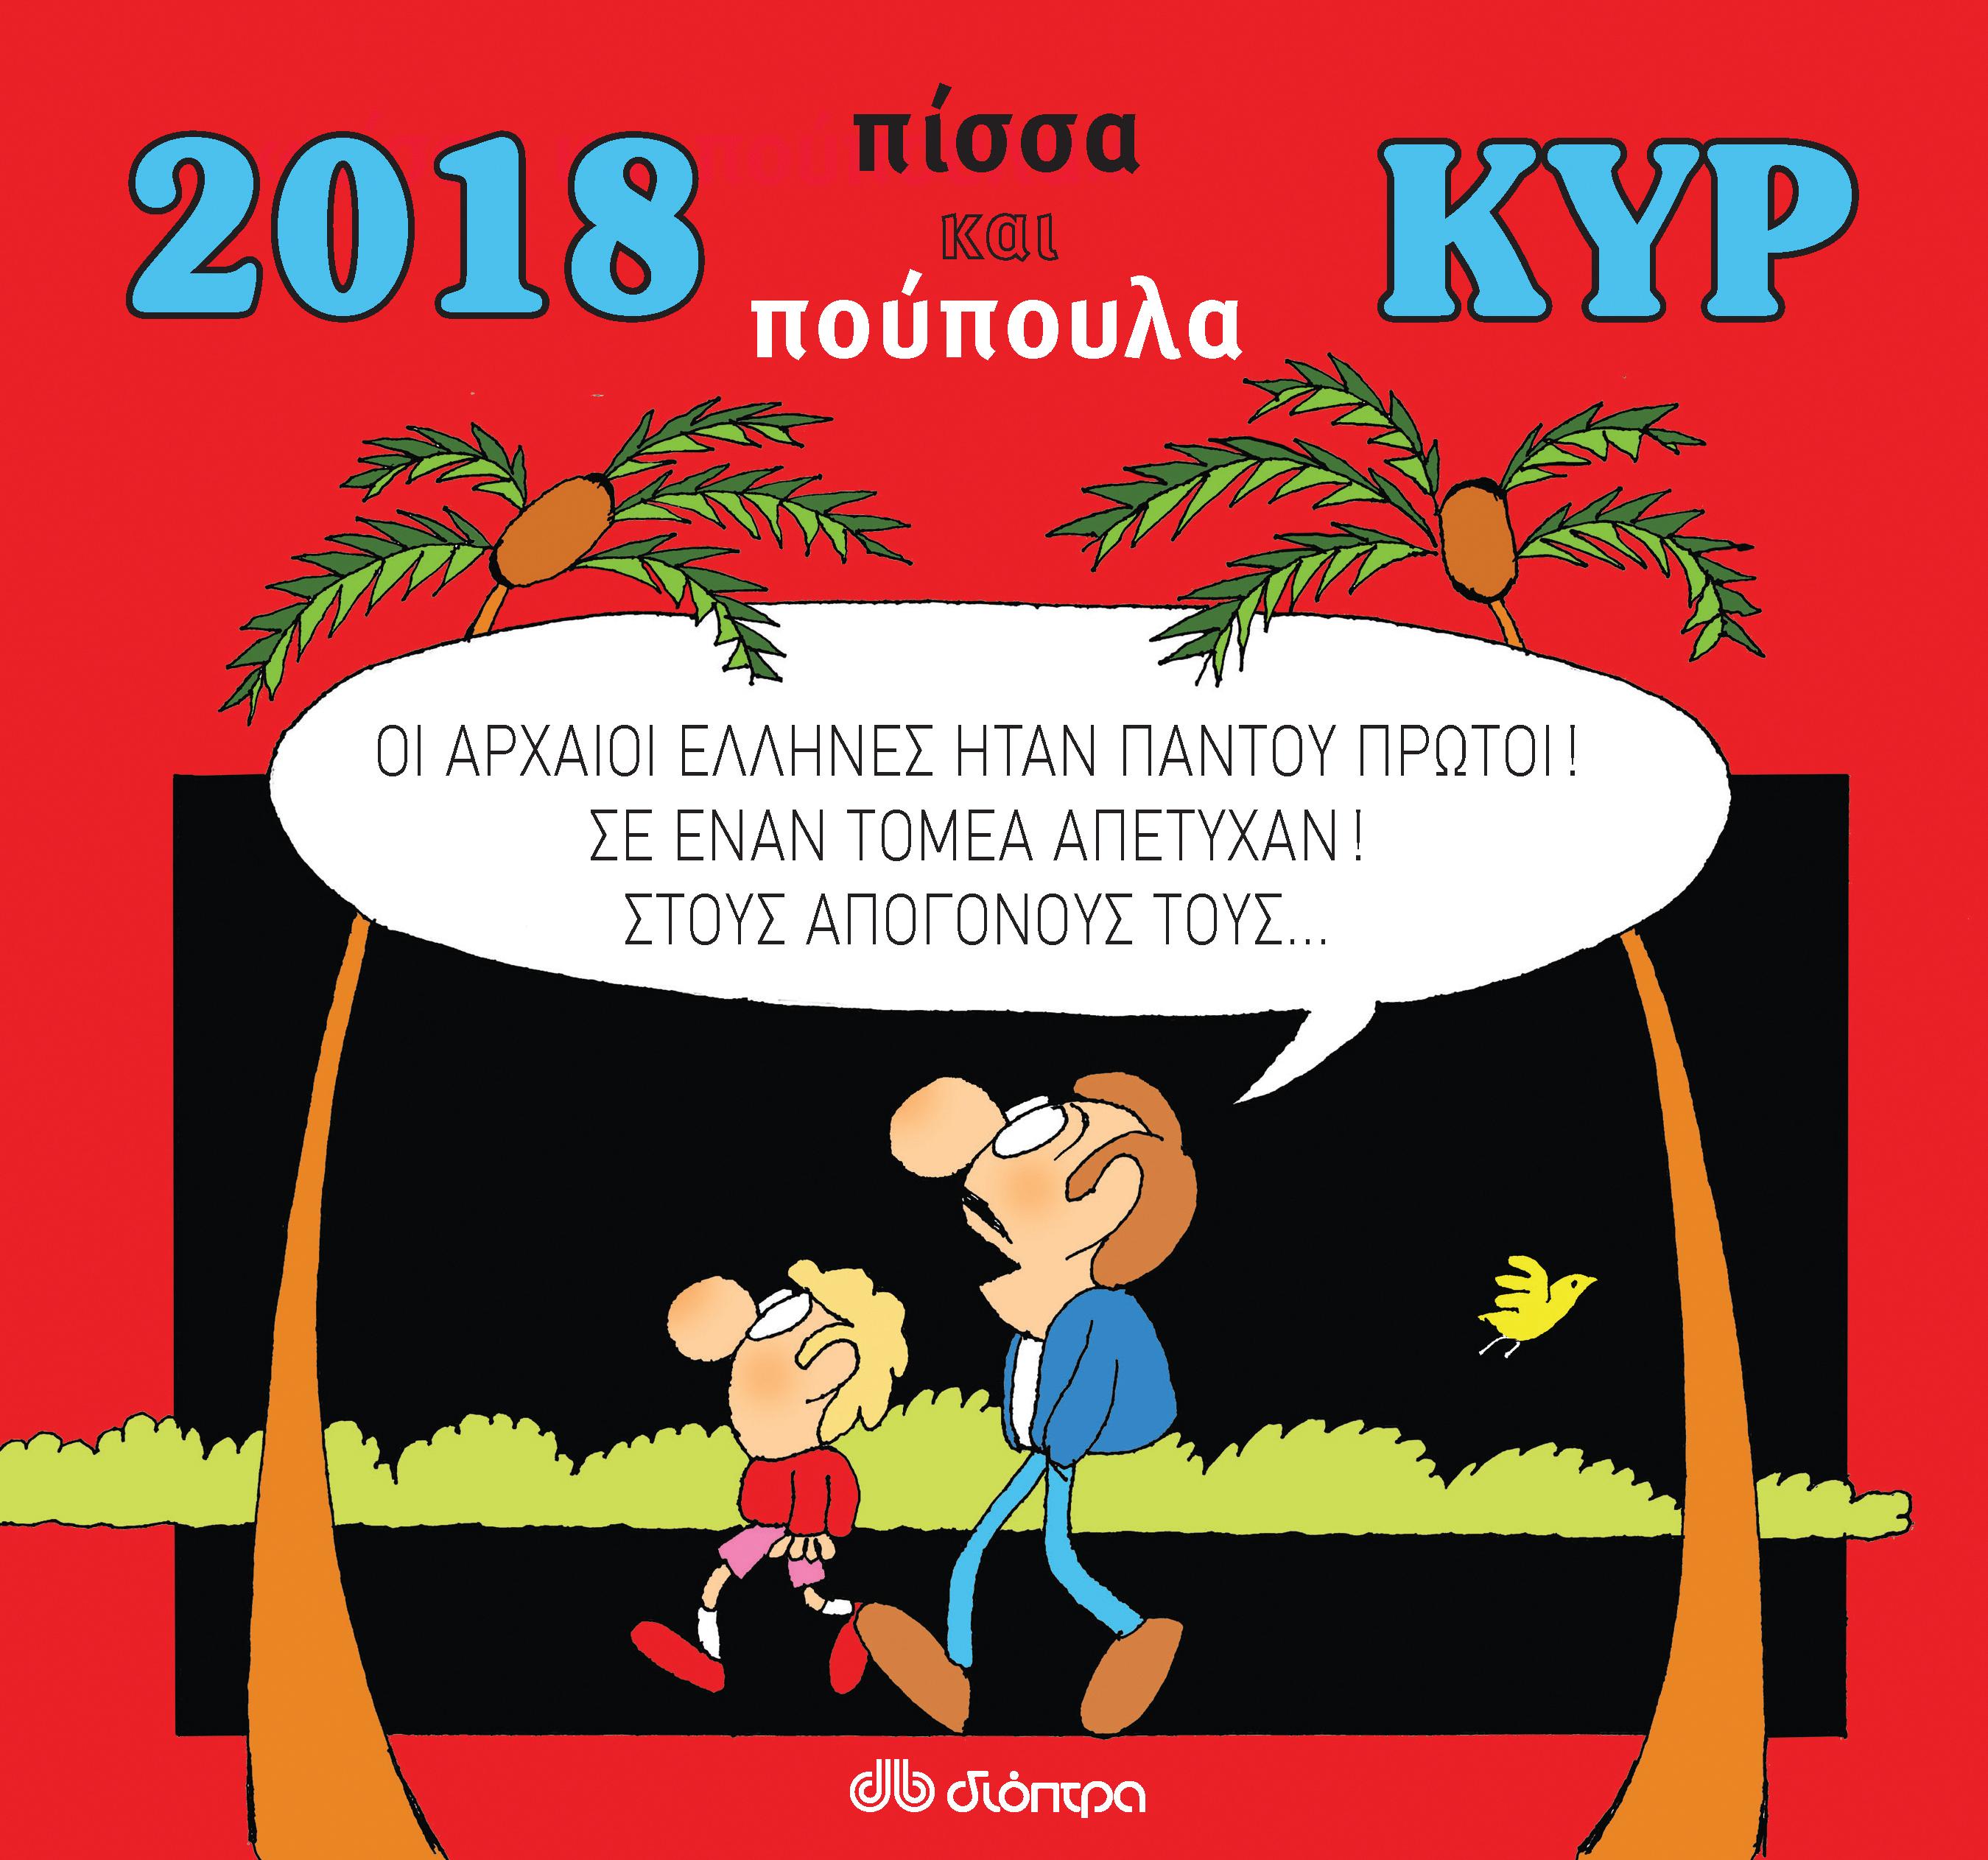 Κυρ 2018 - Πίσσα Και Πούπουλα